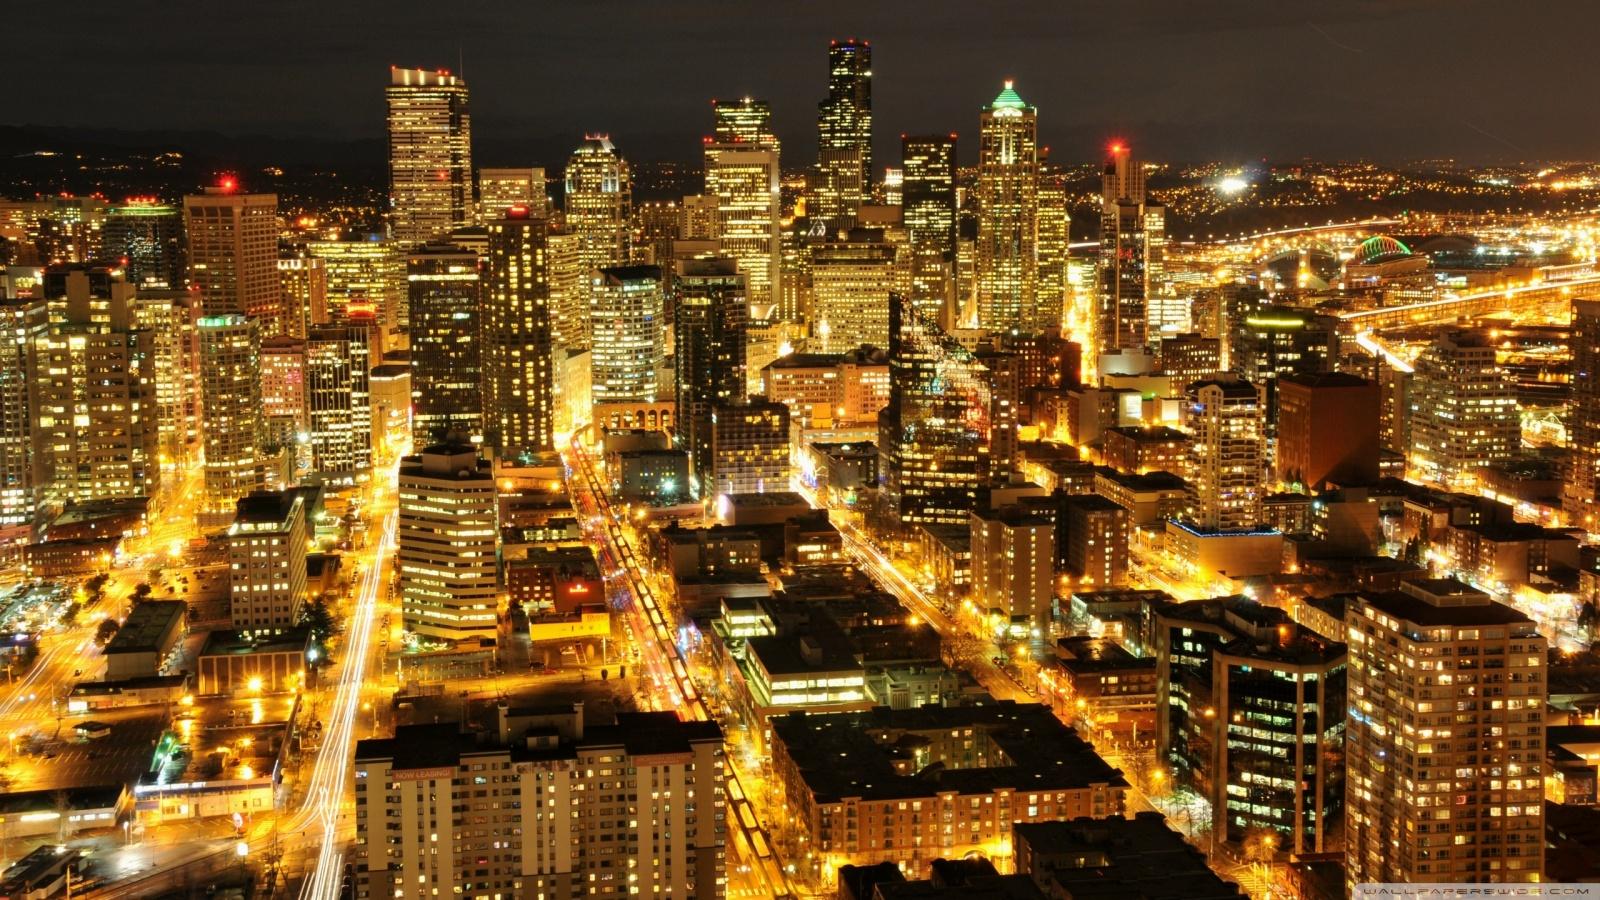 Citylights 4k hd desktop wallpaper for 4k ultra hd tv - Night light city wallpaper ...